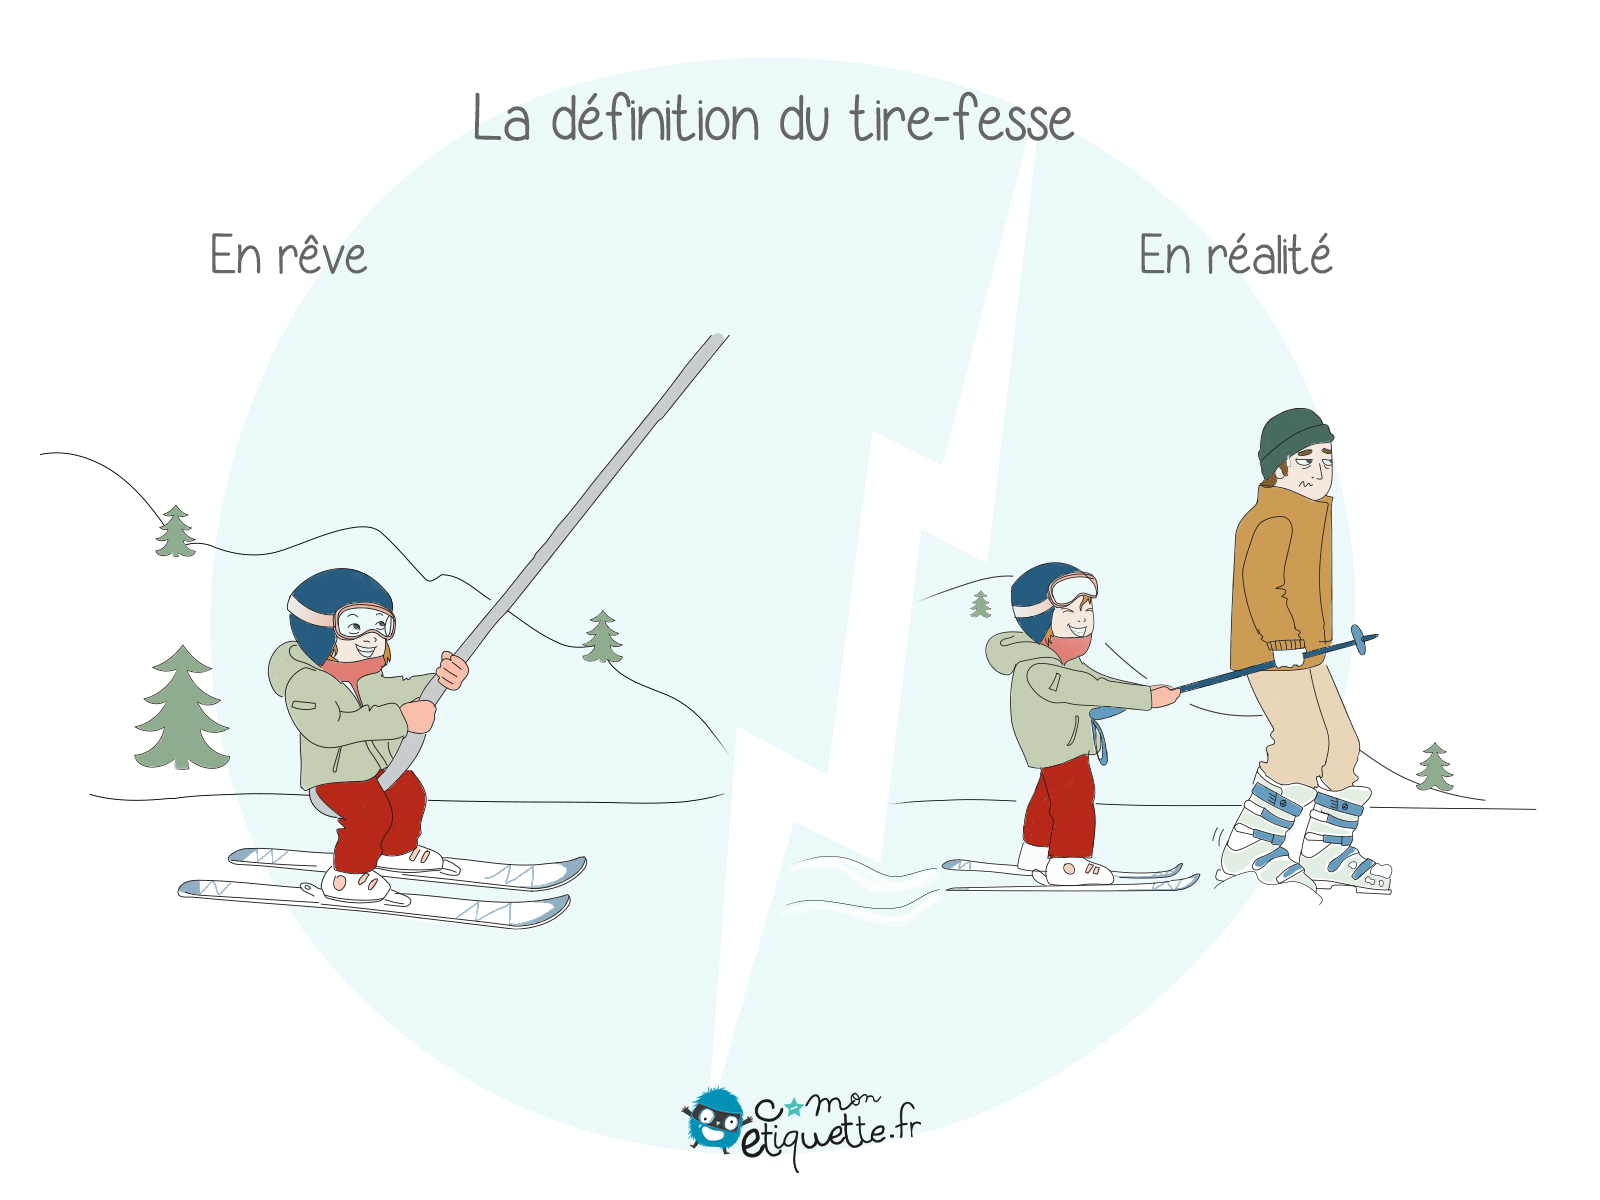 Quand tu pars au ski, tu sais que tu vas passer plus de temps à tirer tes enfants qu'à skier !